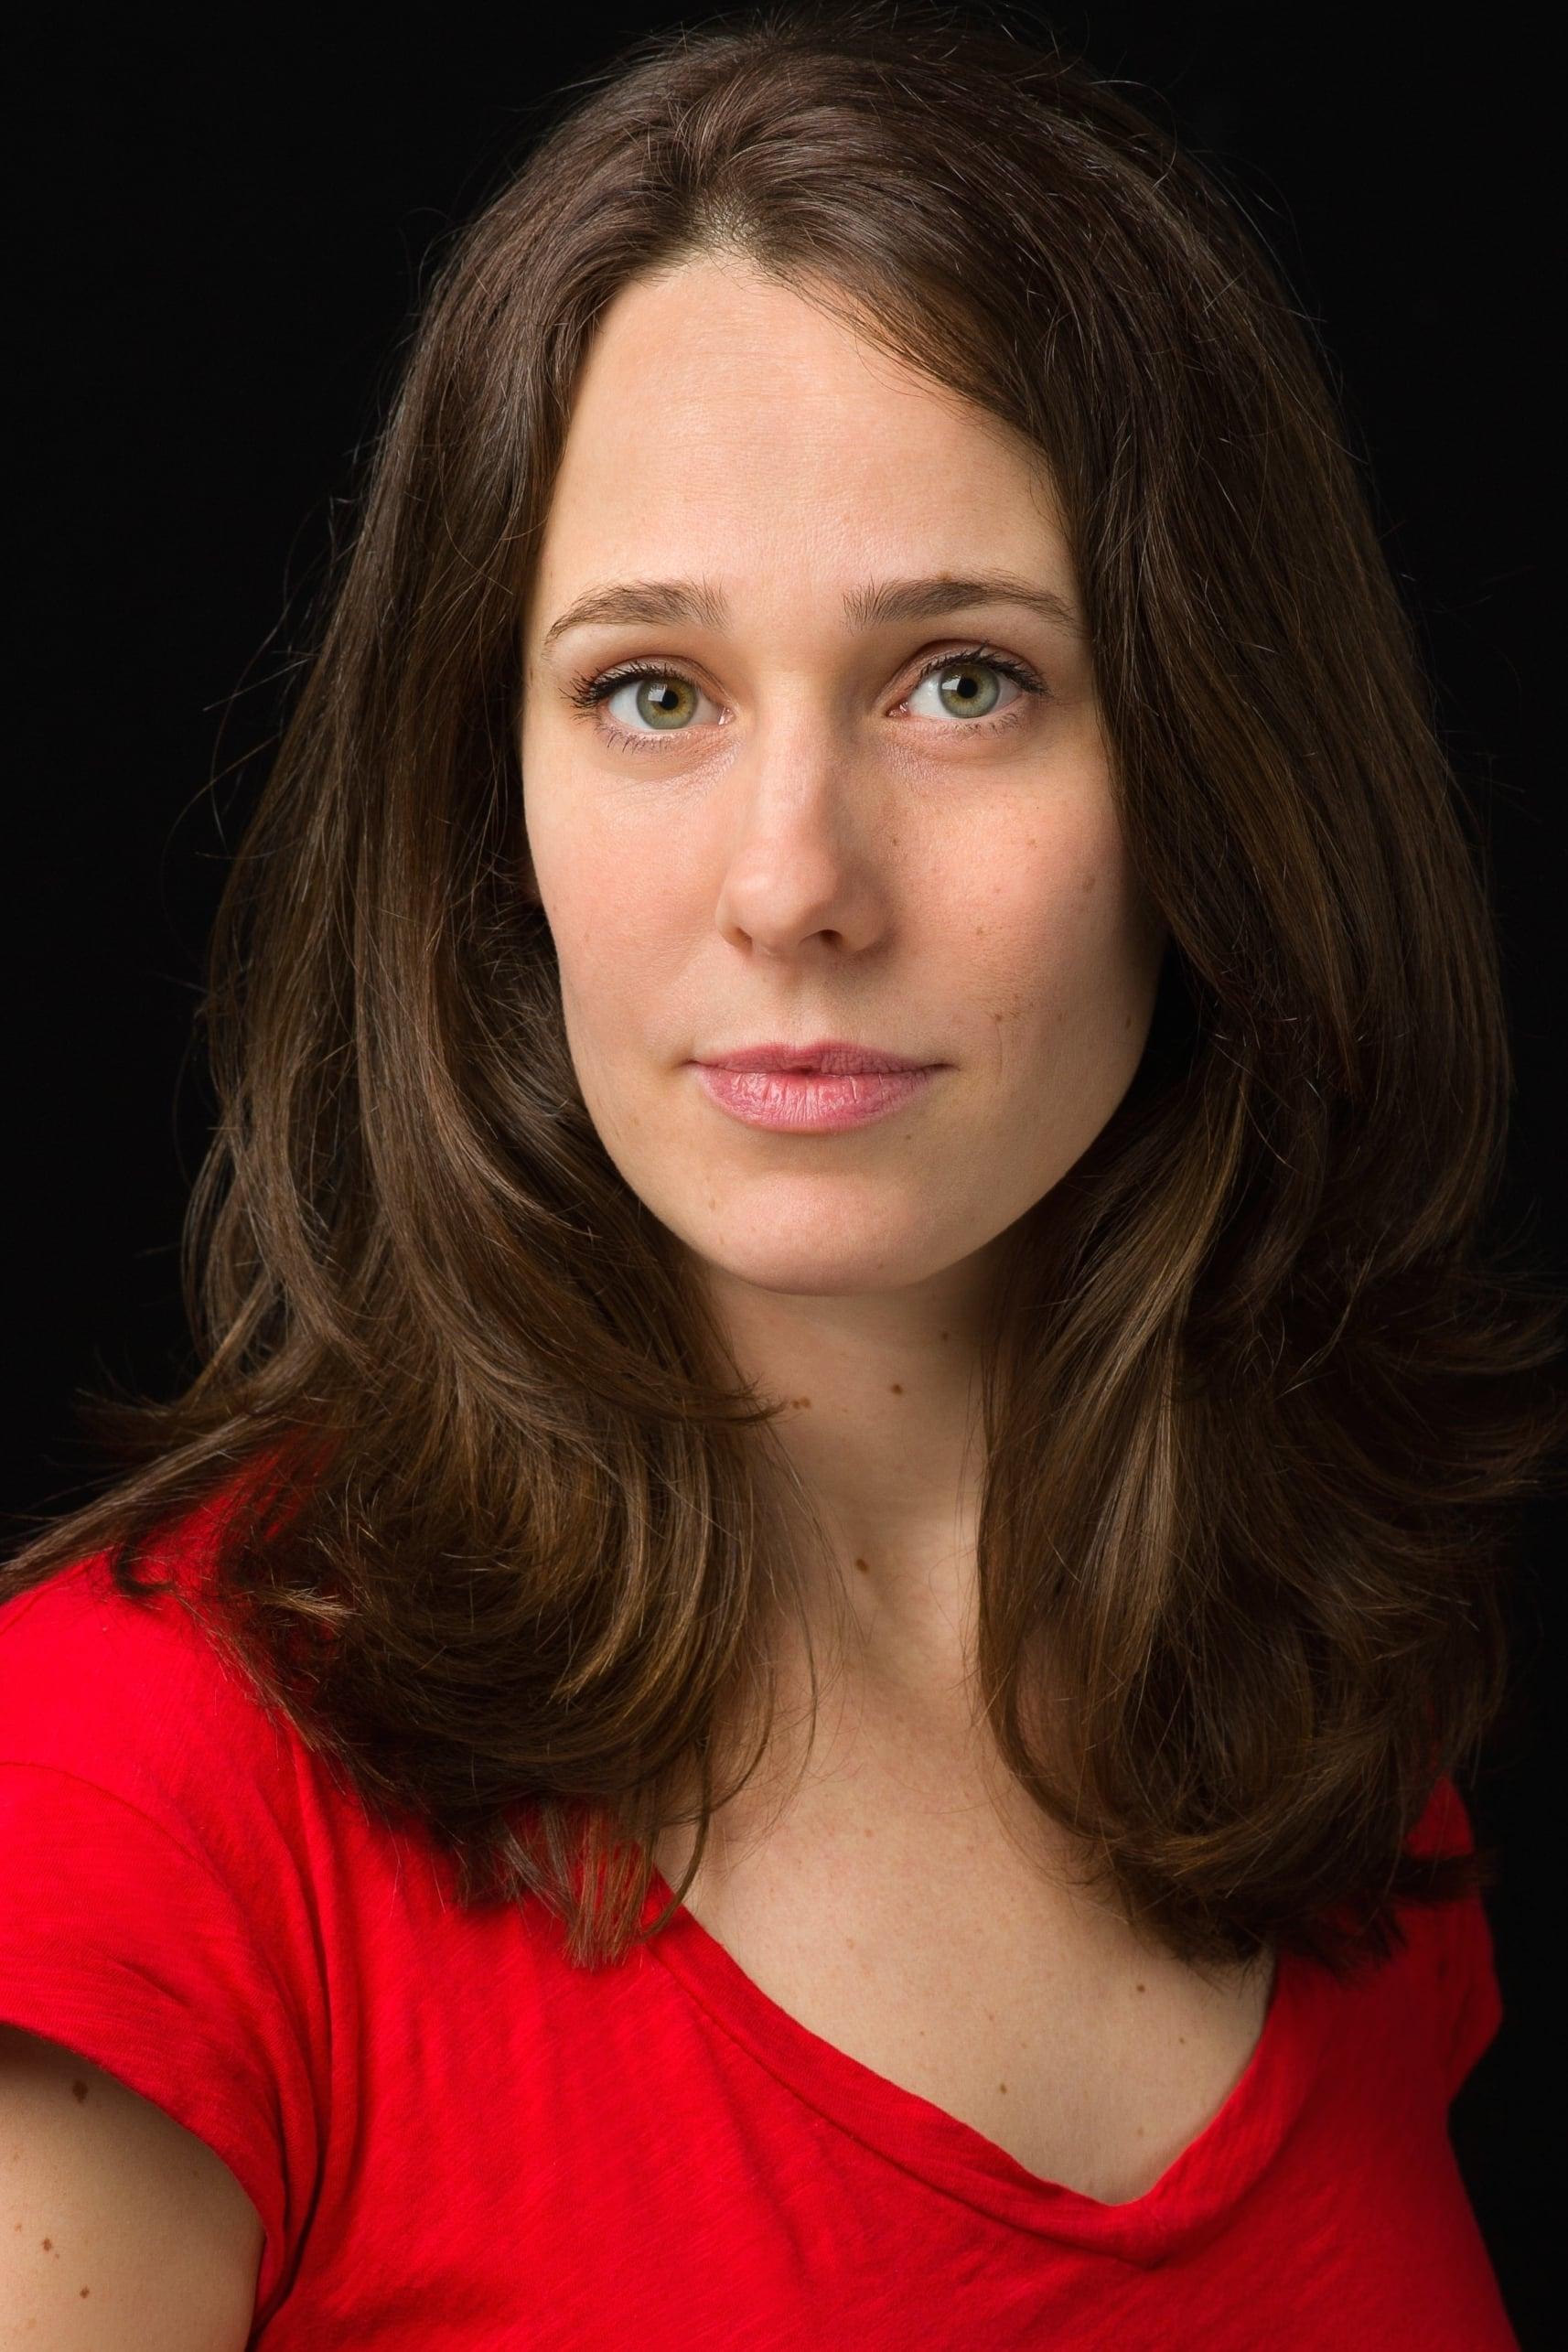 Karin Jessica Jansen